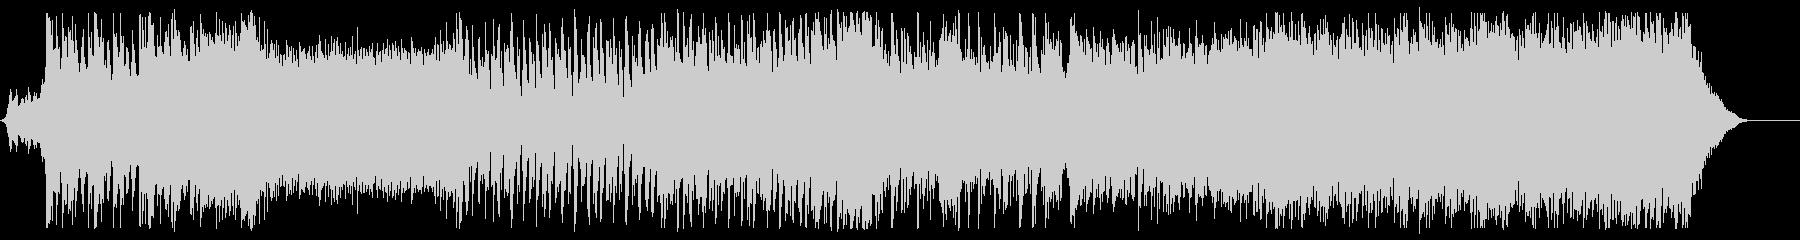 アクロバティックなアップテンポEDMの未再生の波形